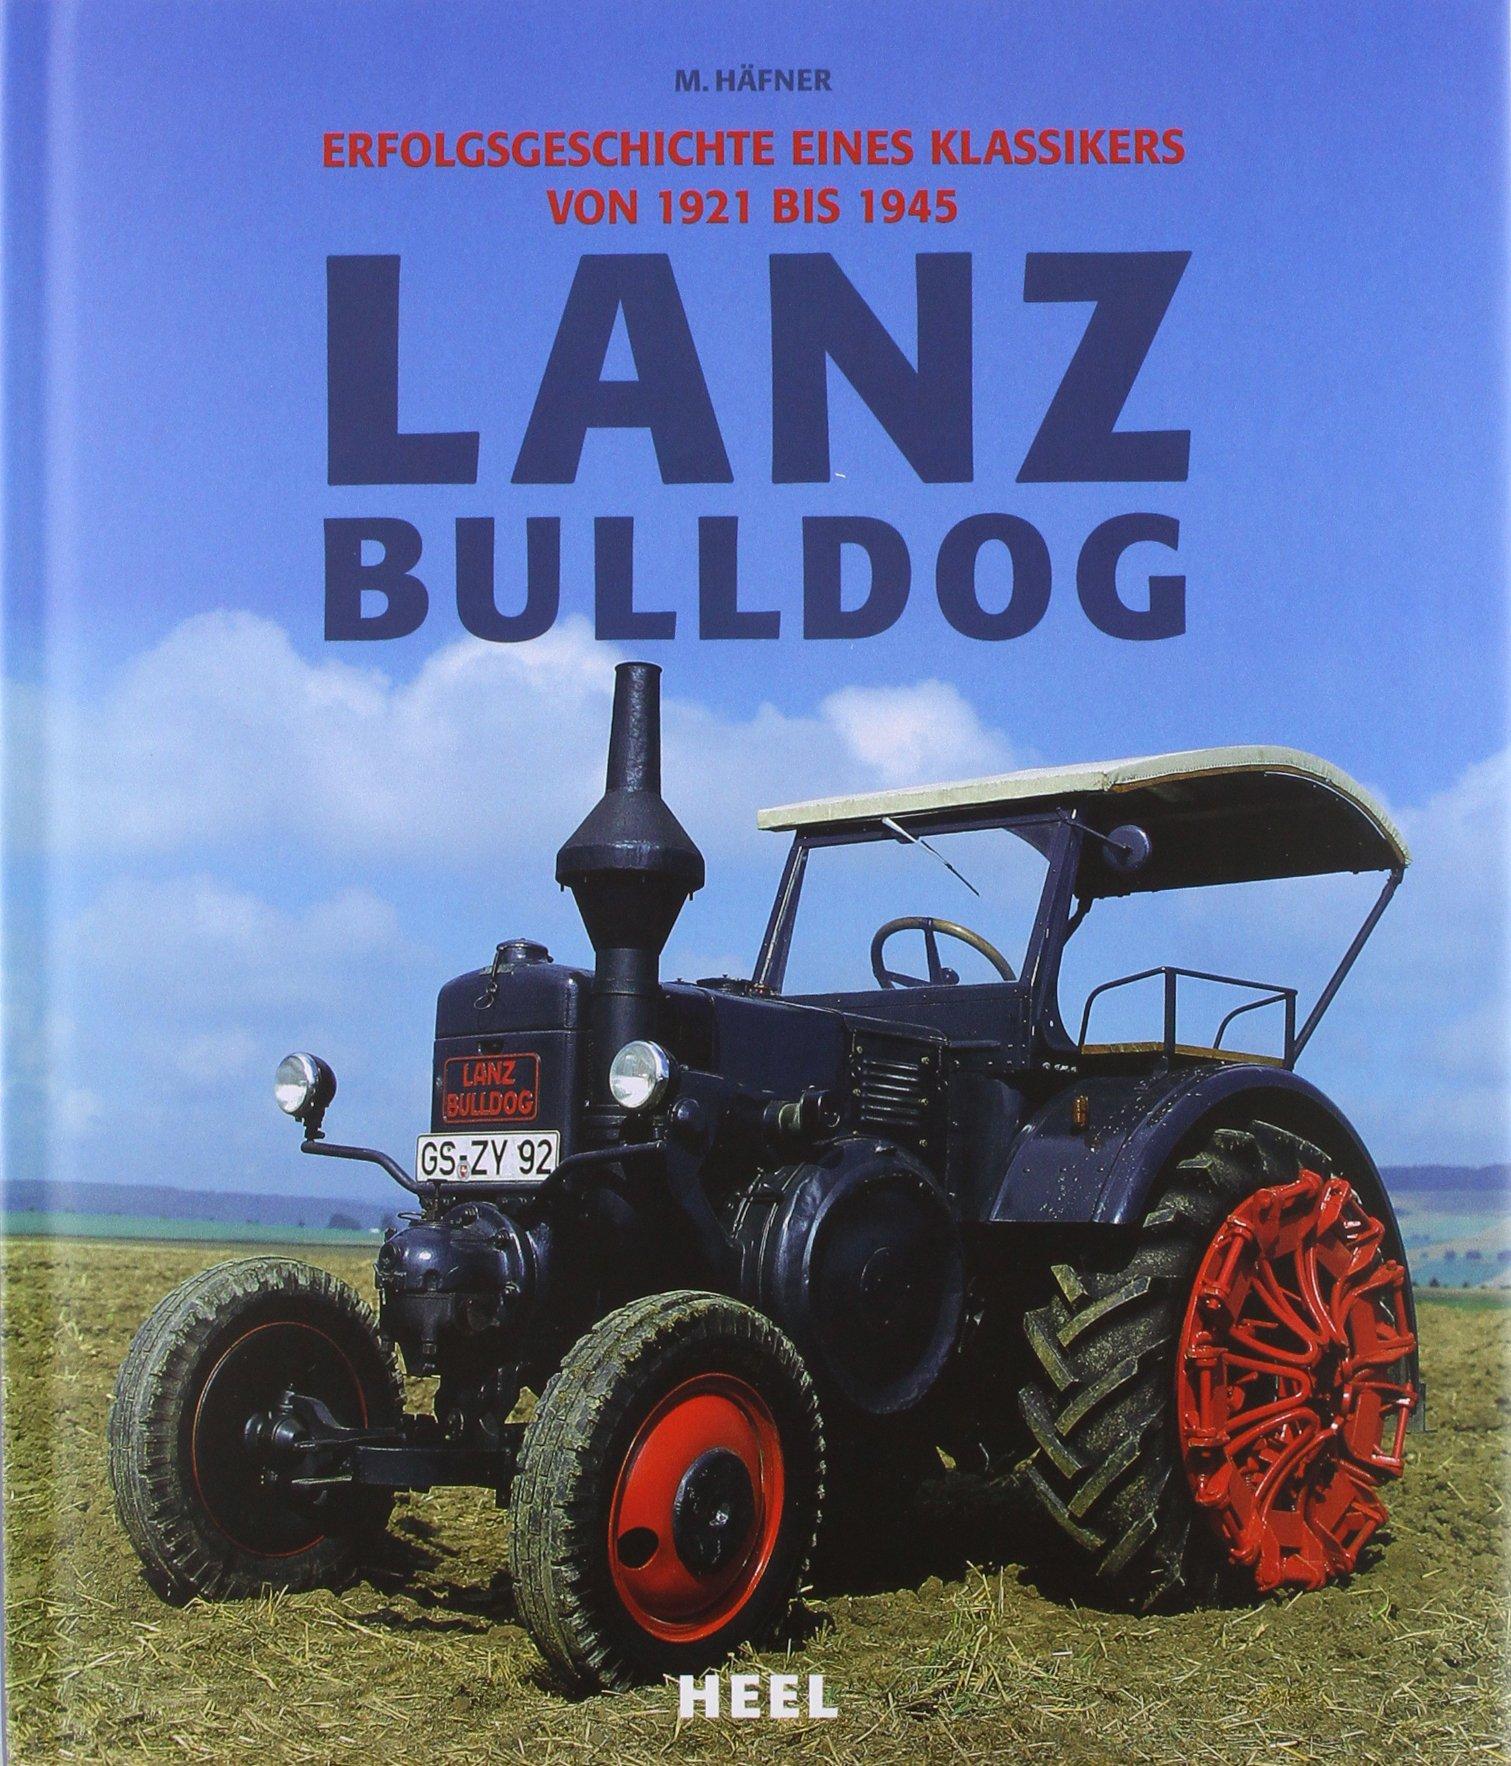 Lanz Bulldog - Erfolgsgeschichte eines Klassikers von 1921 bis 1945